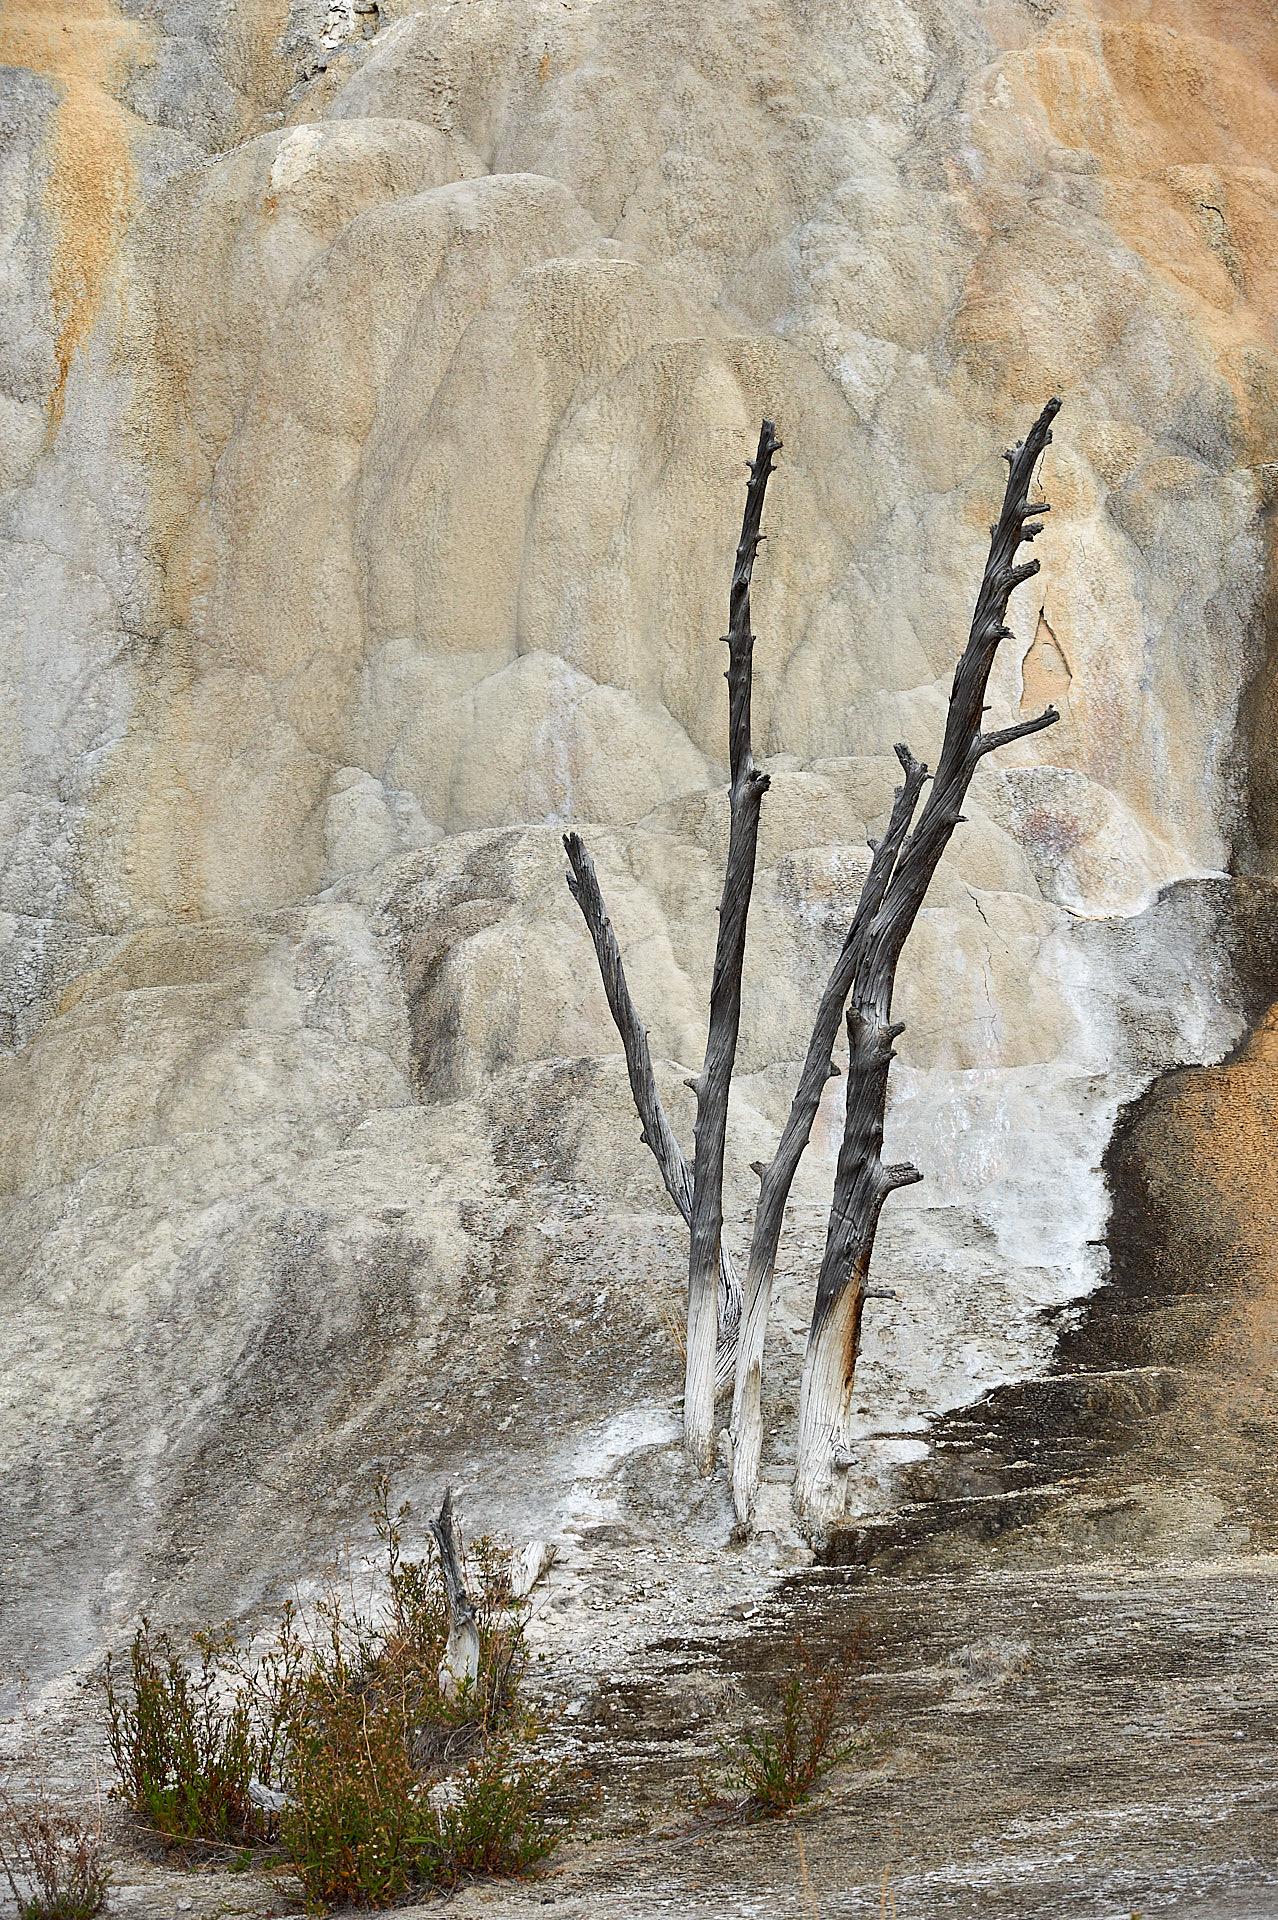 Die Orange Spring Mound Quelle im Yellowstone Nationalaprk hat diesen Baum mit der Zeit versteinert.Kamera: NIKON D3X Brennweite: 120mm 1/320 s bei Blende f/8.0